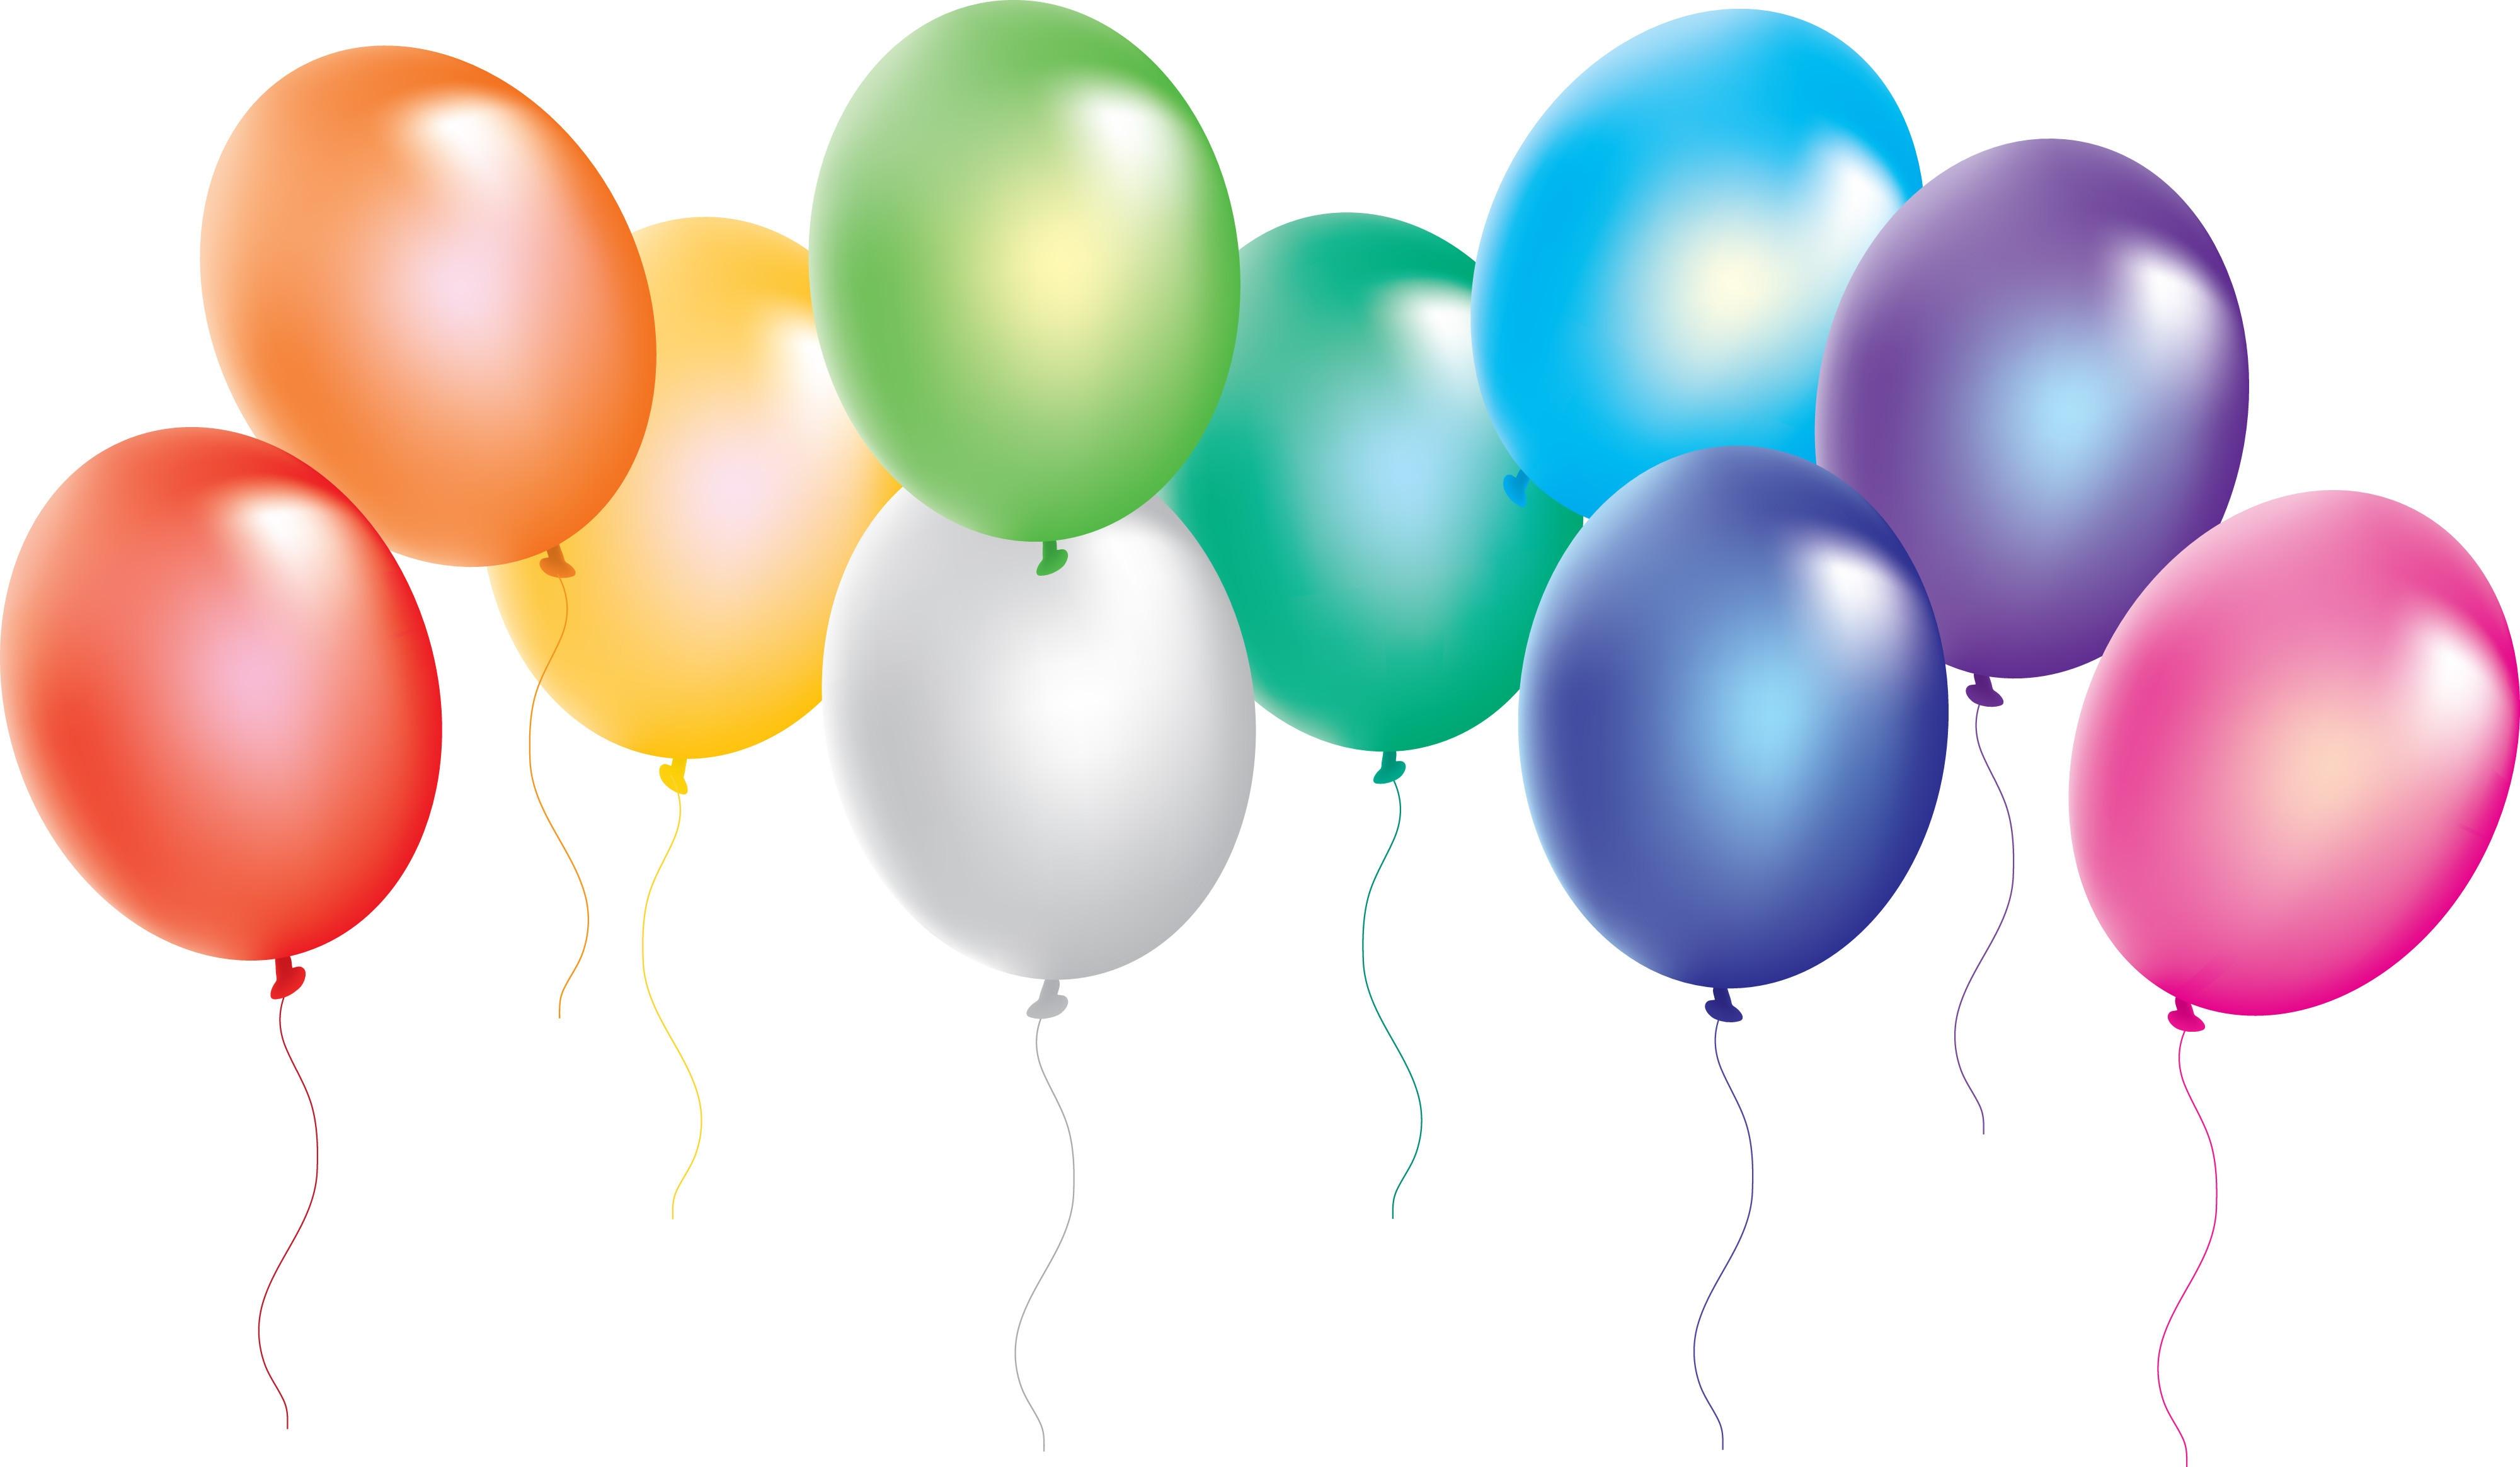 ... Free Clip Art Anniversary Celebratio-... Free clip art anniversary celebration-9